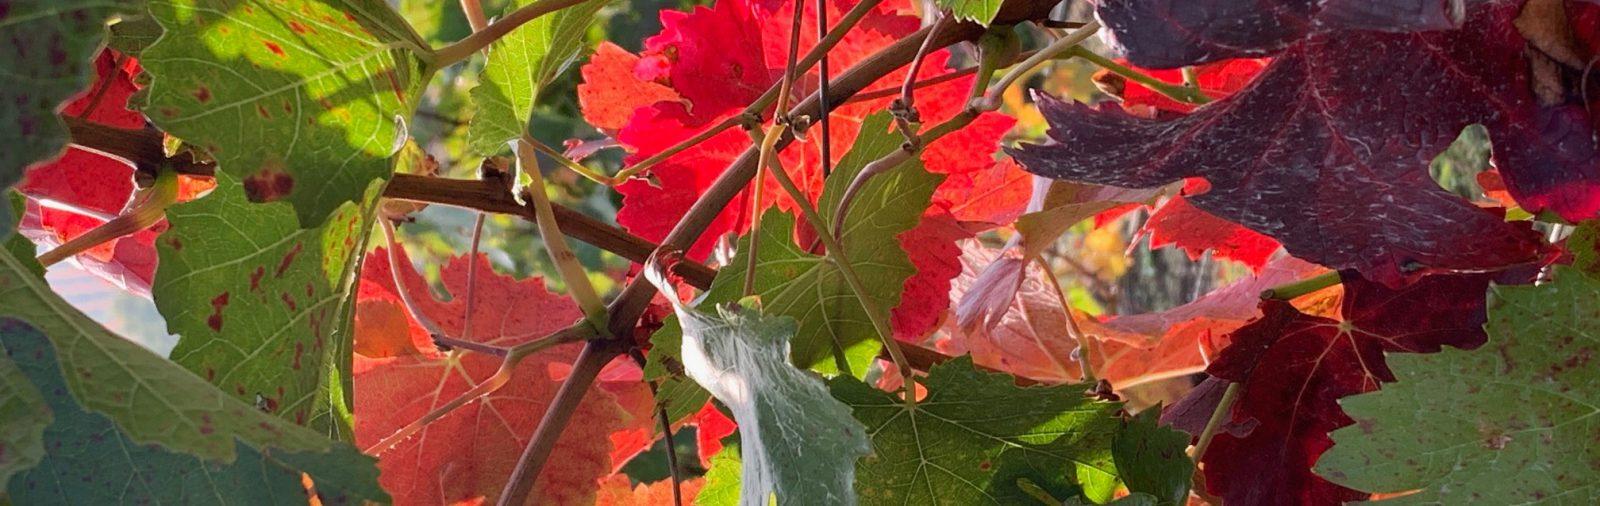 Monatsrückblick Oktober, goldener Herbst, beautyblog, Schminktante, Anja Frankenhäuser